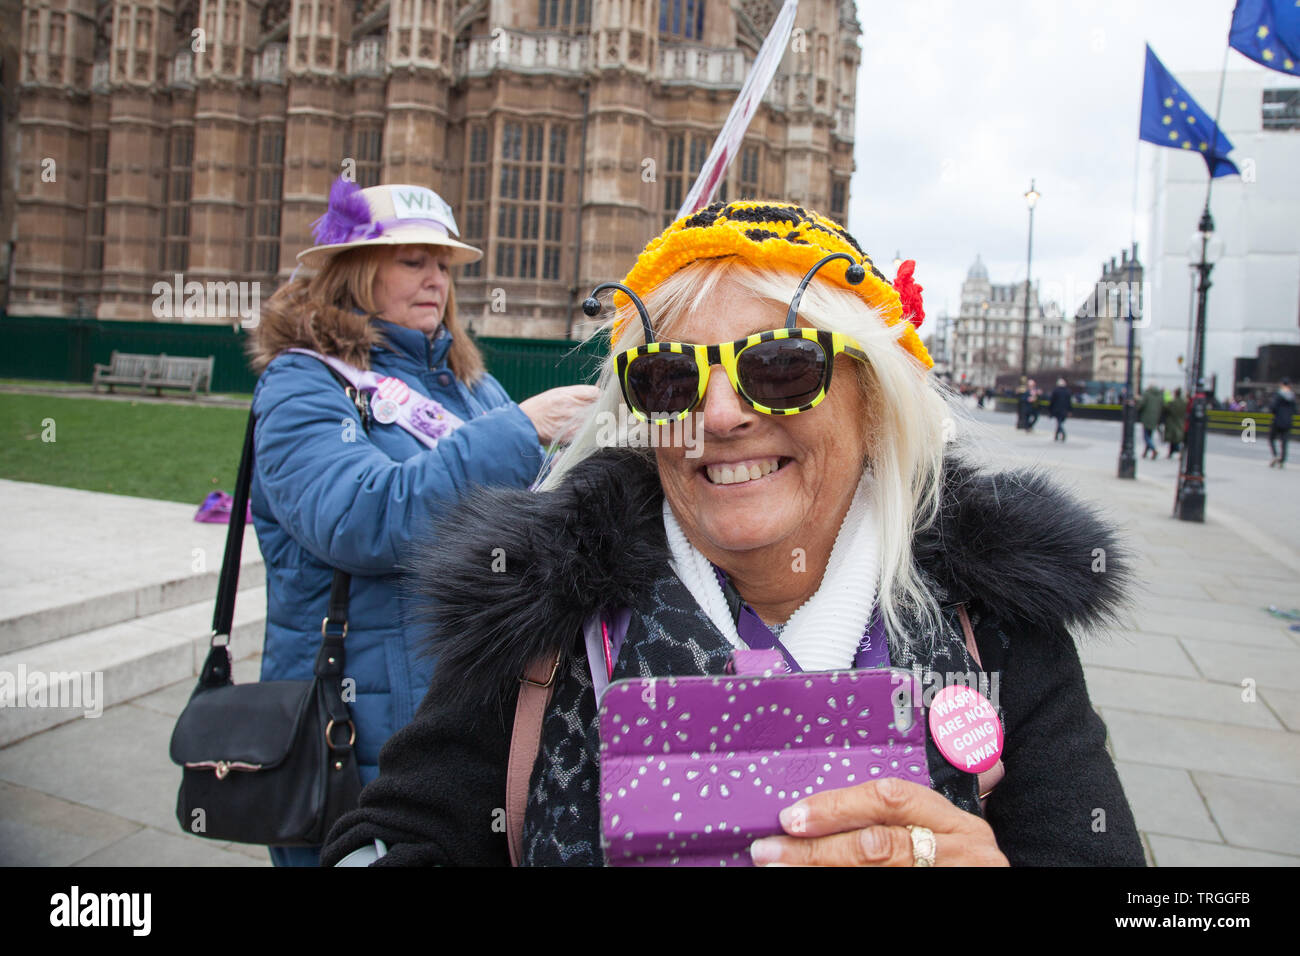 Londra, Regno Unito. 13 marzo, 2019. I manifestanti per il gruppo di donne contro la pensione statale di disuguaglianza (WASPI) raccogliere presso la Casa del Parlamento, Westminster per esprimere la loro rabbia per la modifica dell'età di pensionamento per le donne nate negli anni cinquanta. Essi invitano il governo a fornire una compensazione per i milioni di donne interessate dalla modifica. Foto Stock